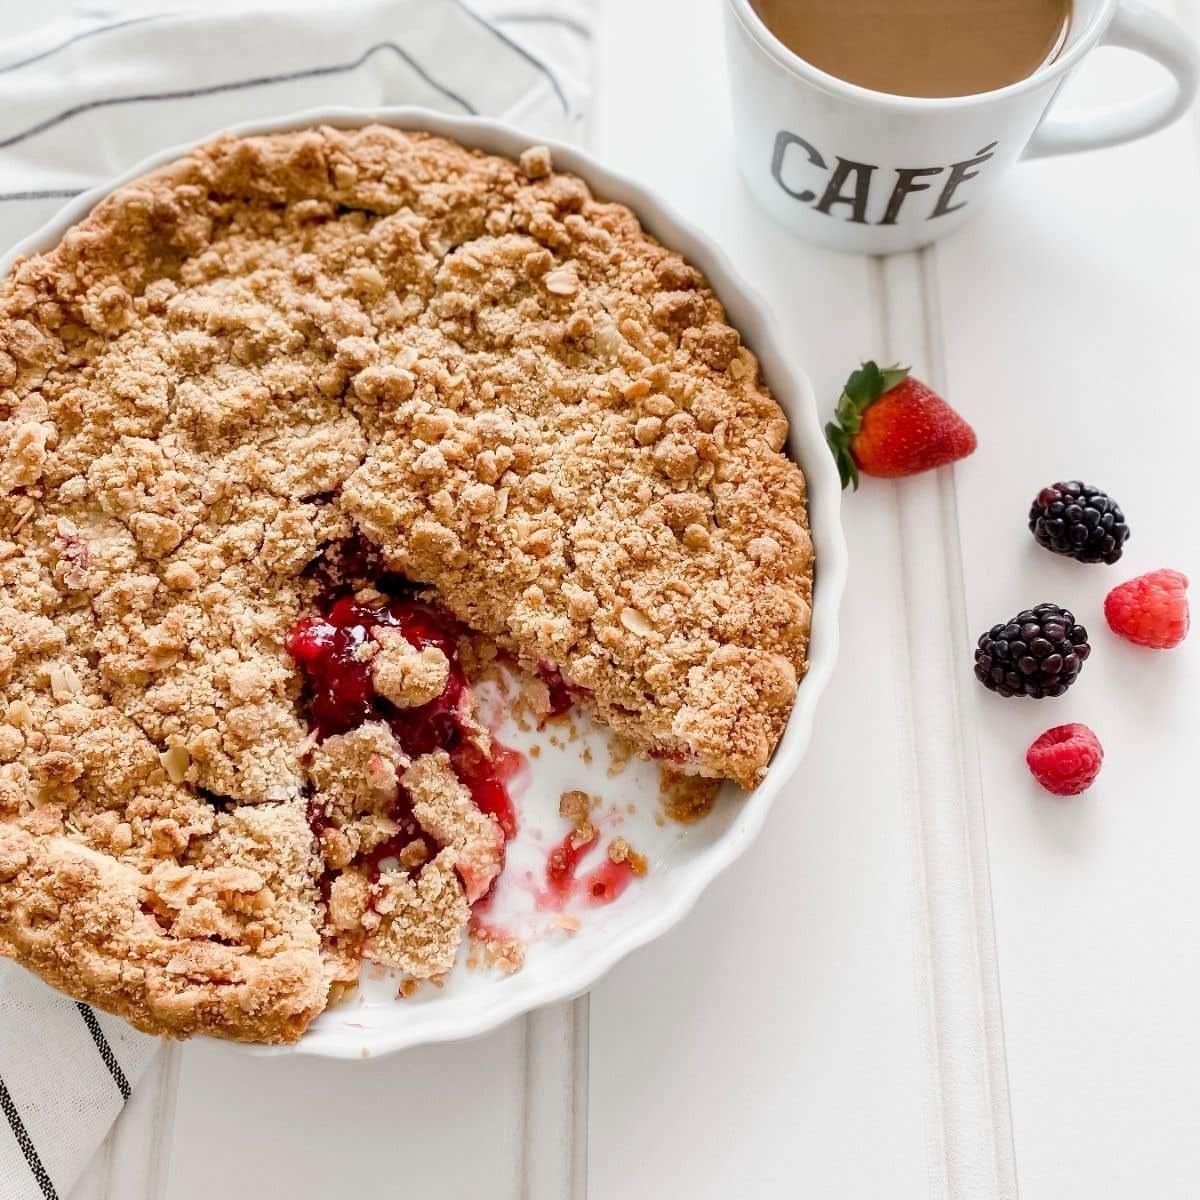 A pie in a ceramic dish